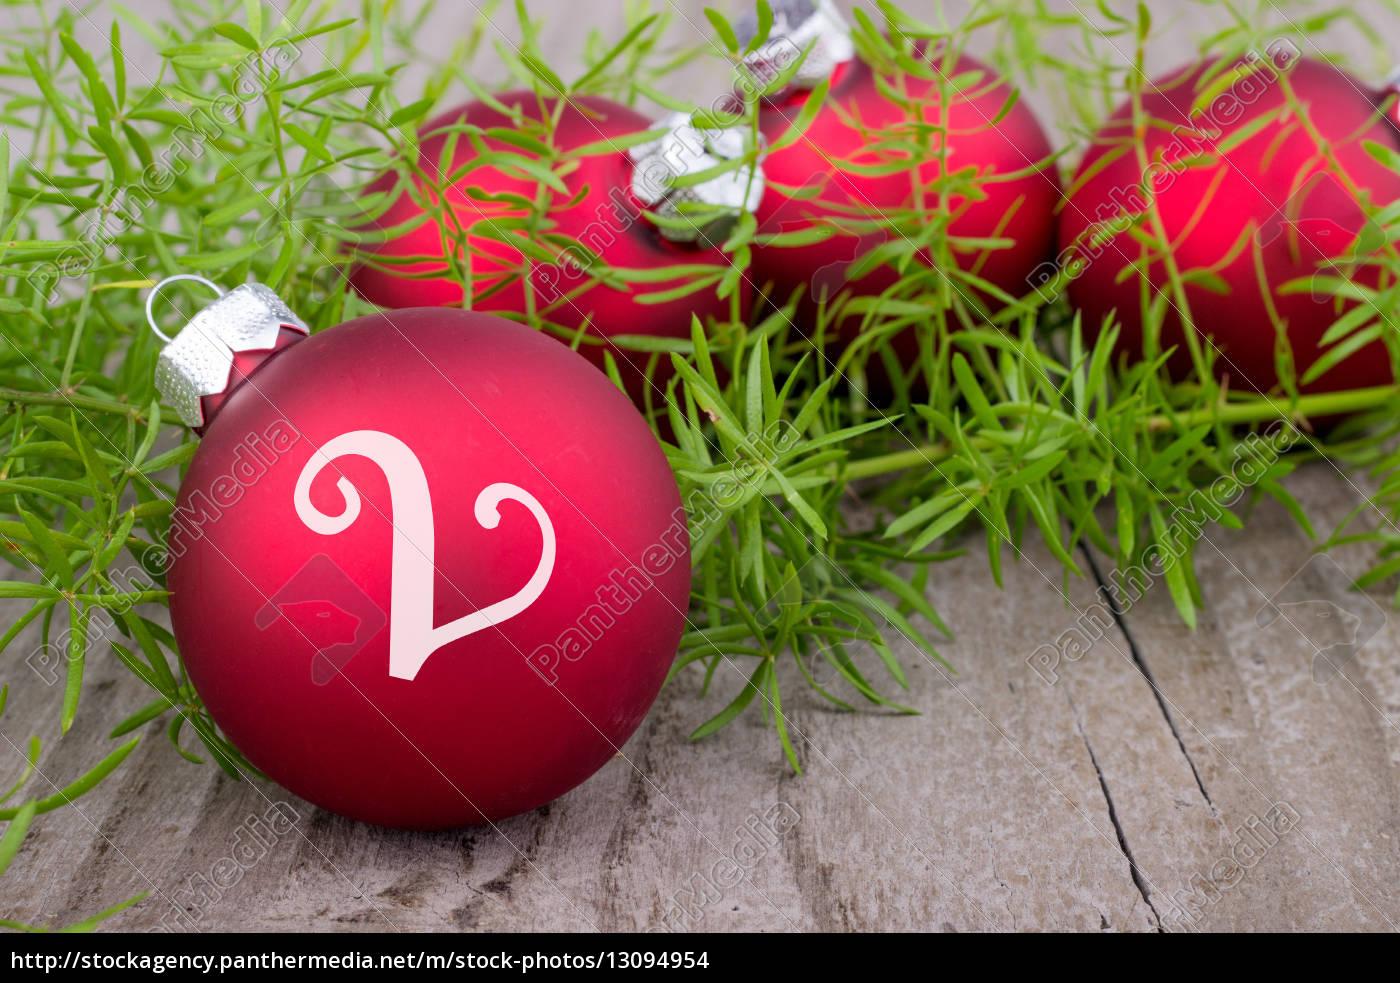 tafel, winter, holz, advent, vorweihnachtszeit, weihnachtszeit - 13094954